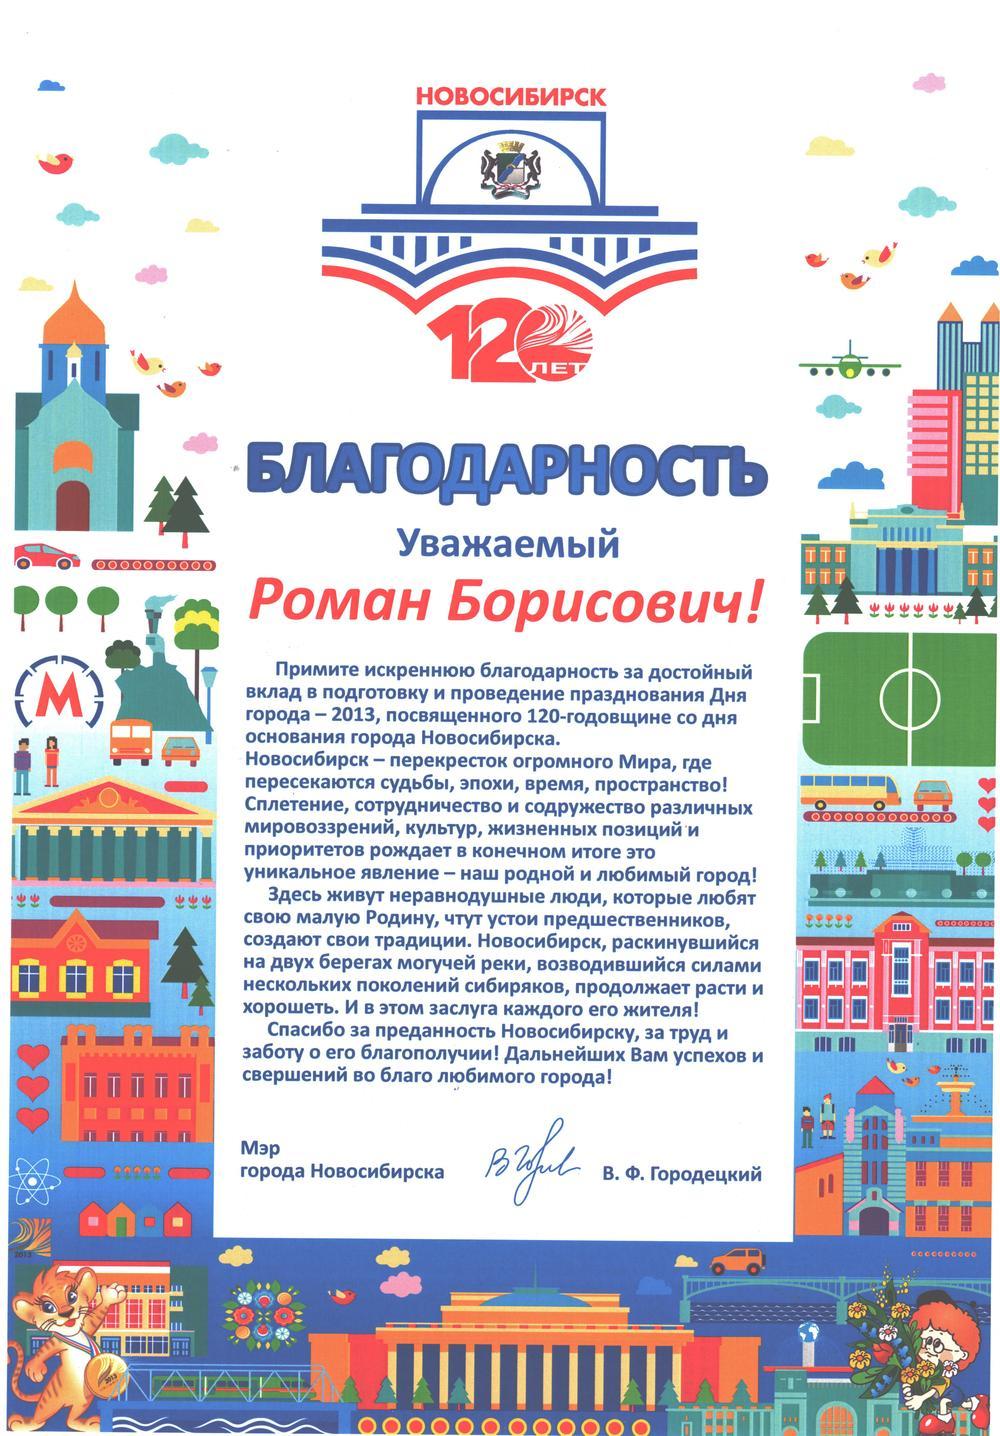 Городецкий 2013